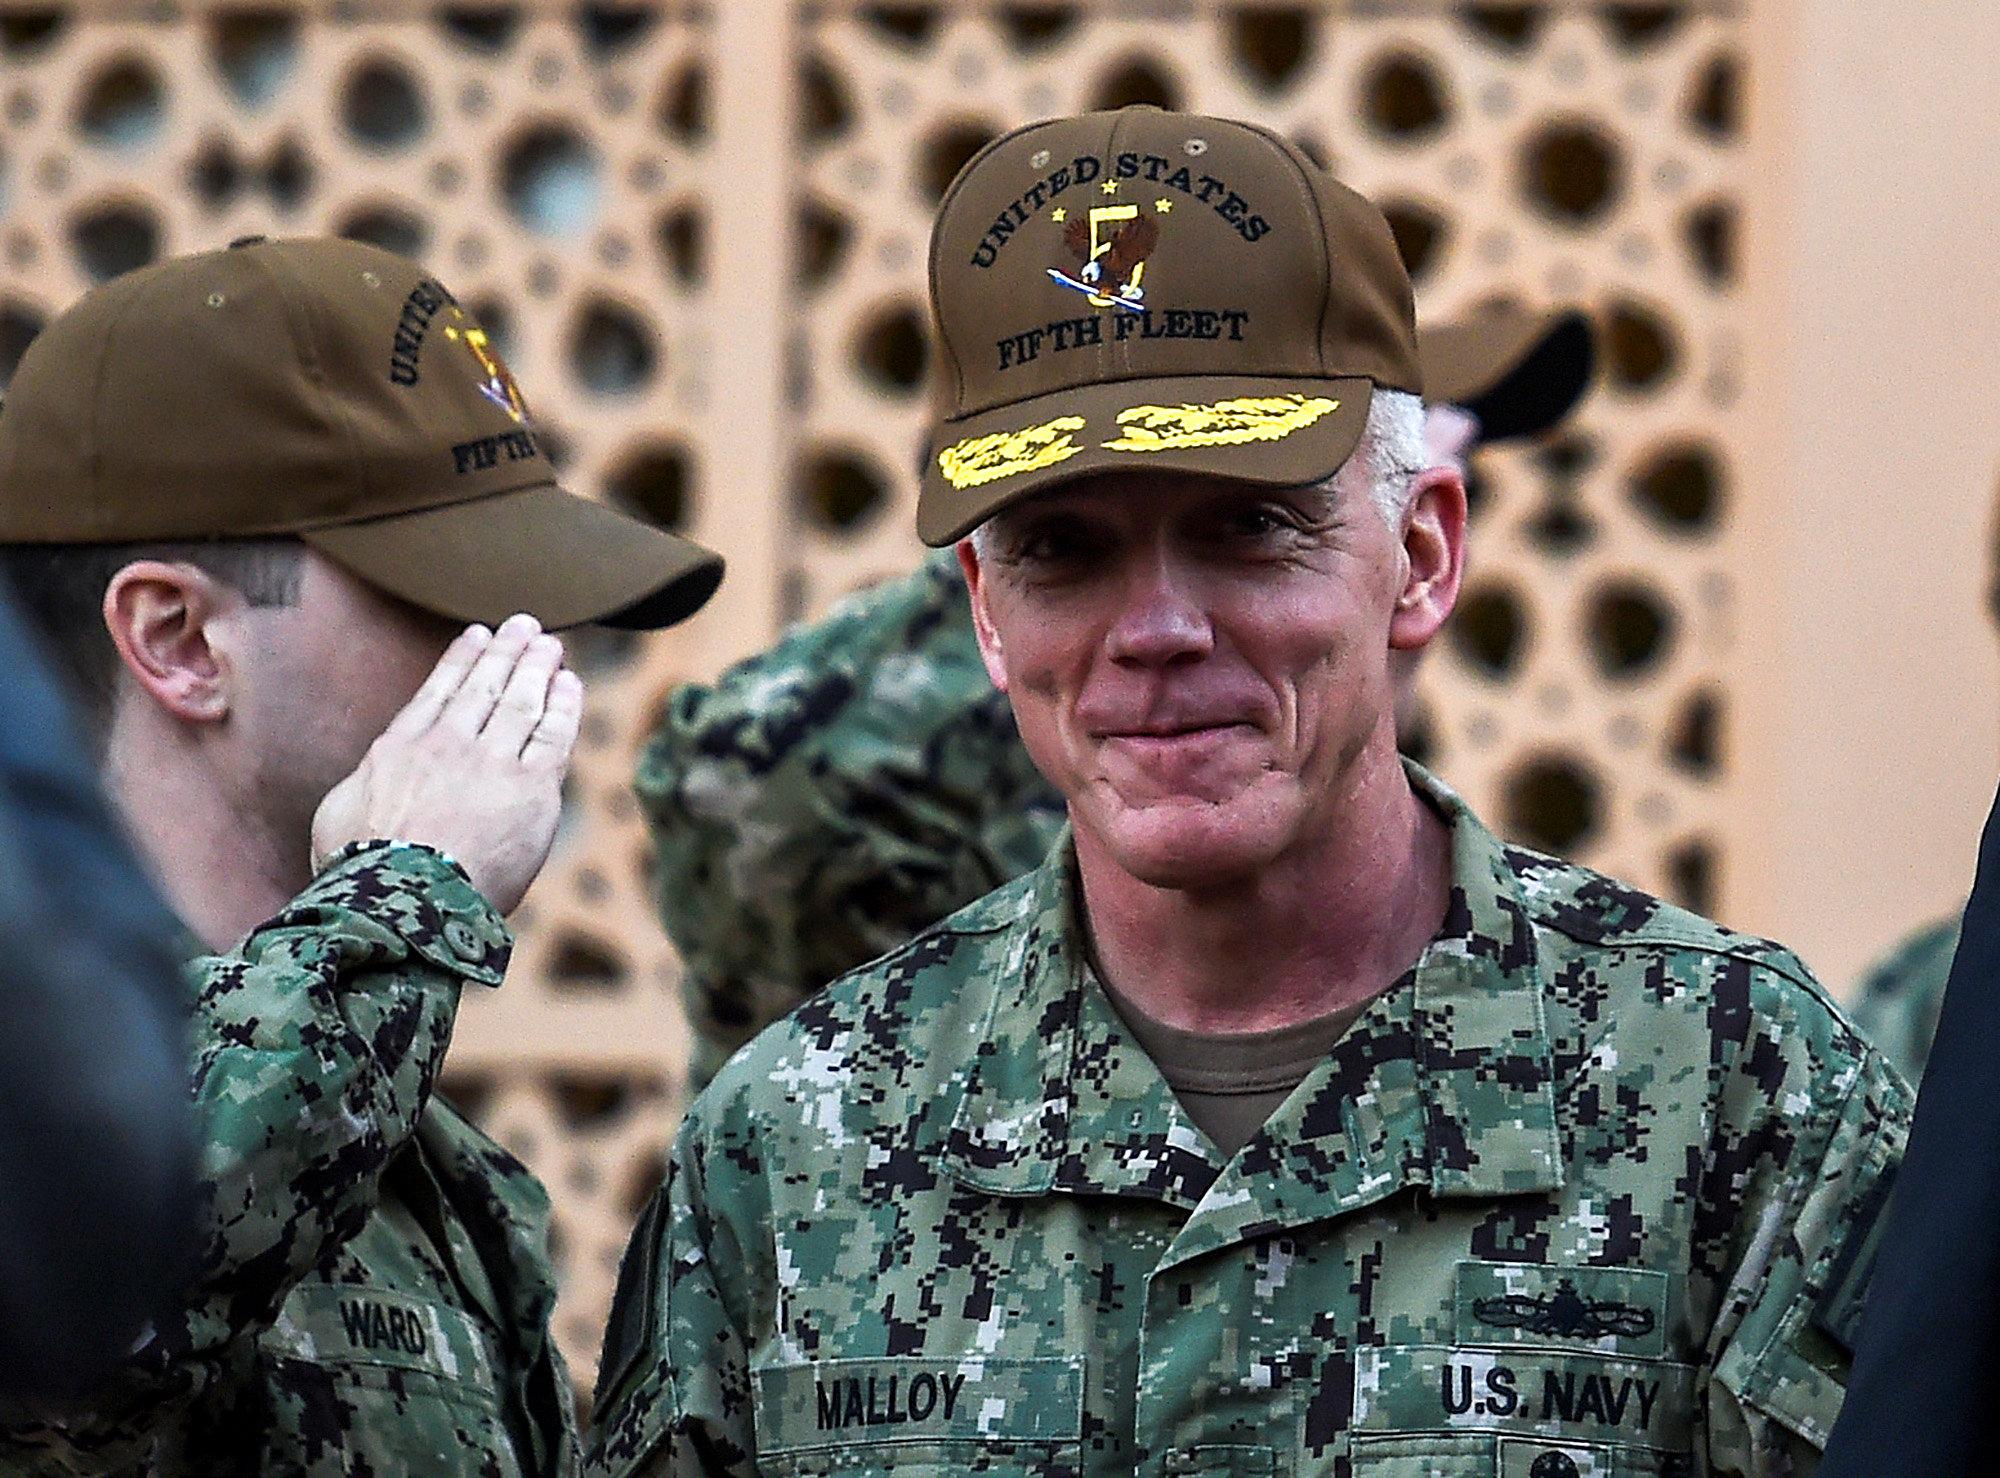 أحد القيادات الأمريكية فى القاعدة العسكرية الامريكية بالحرين